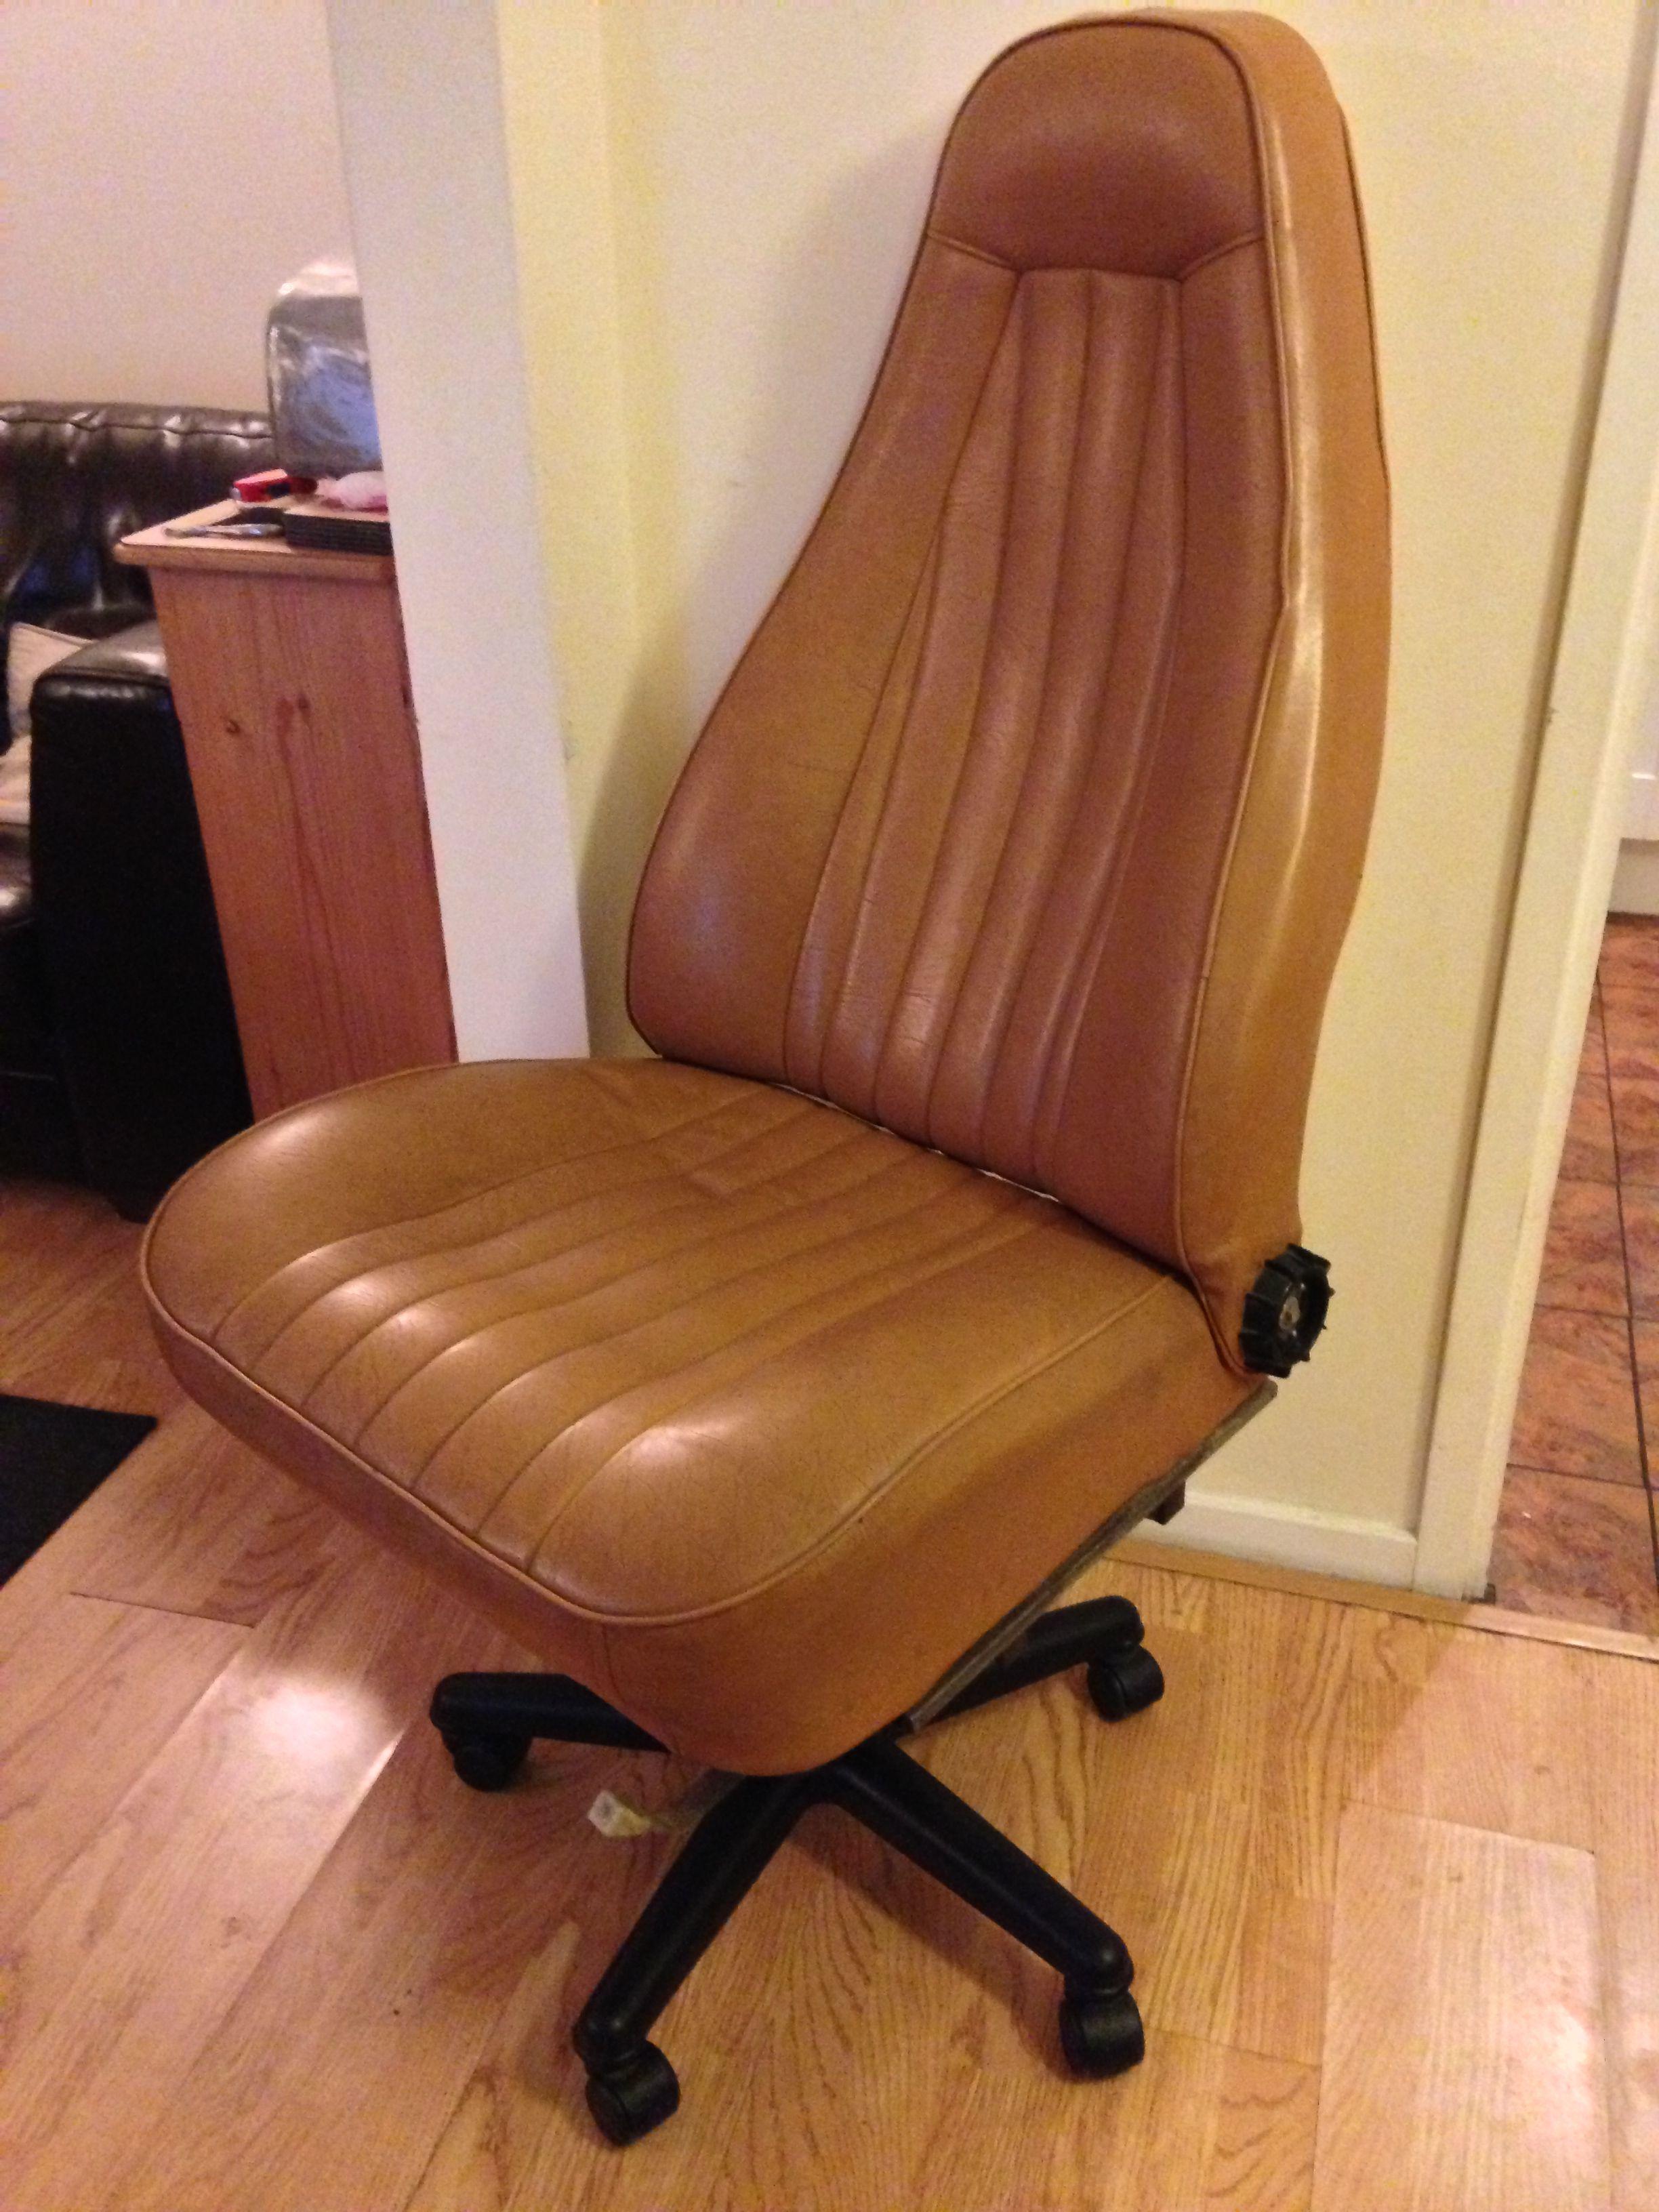 Office chair built from an old Porsche car seat